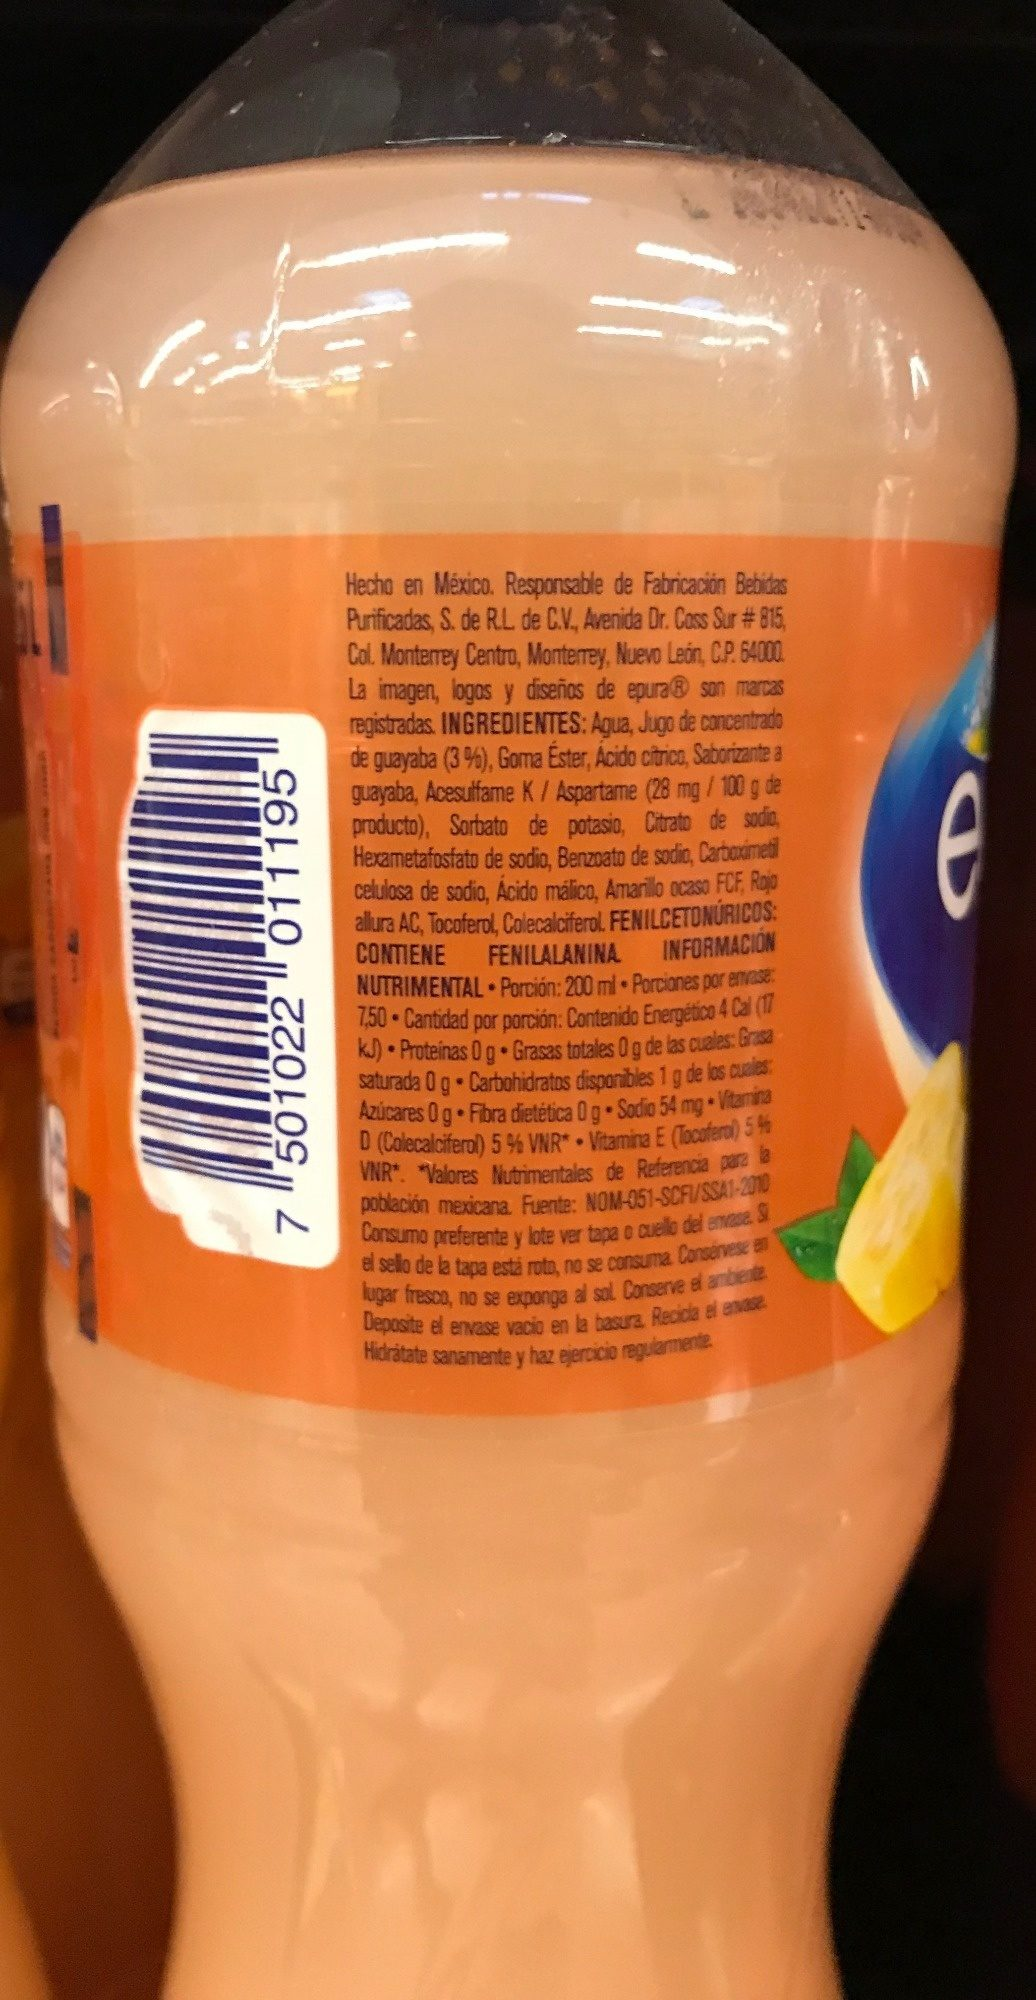 Agua con jugo de guayaba - Nutrition facts - es